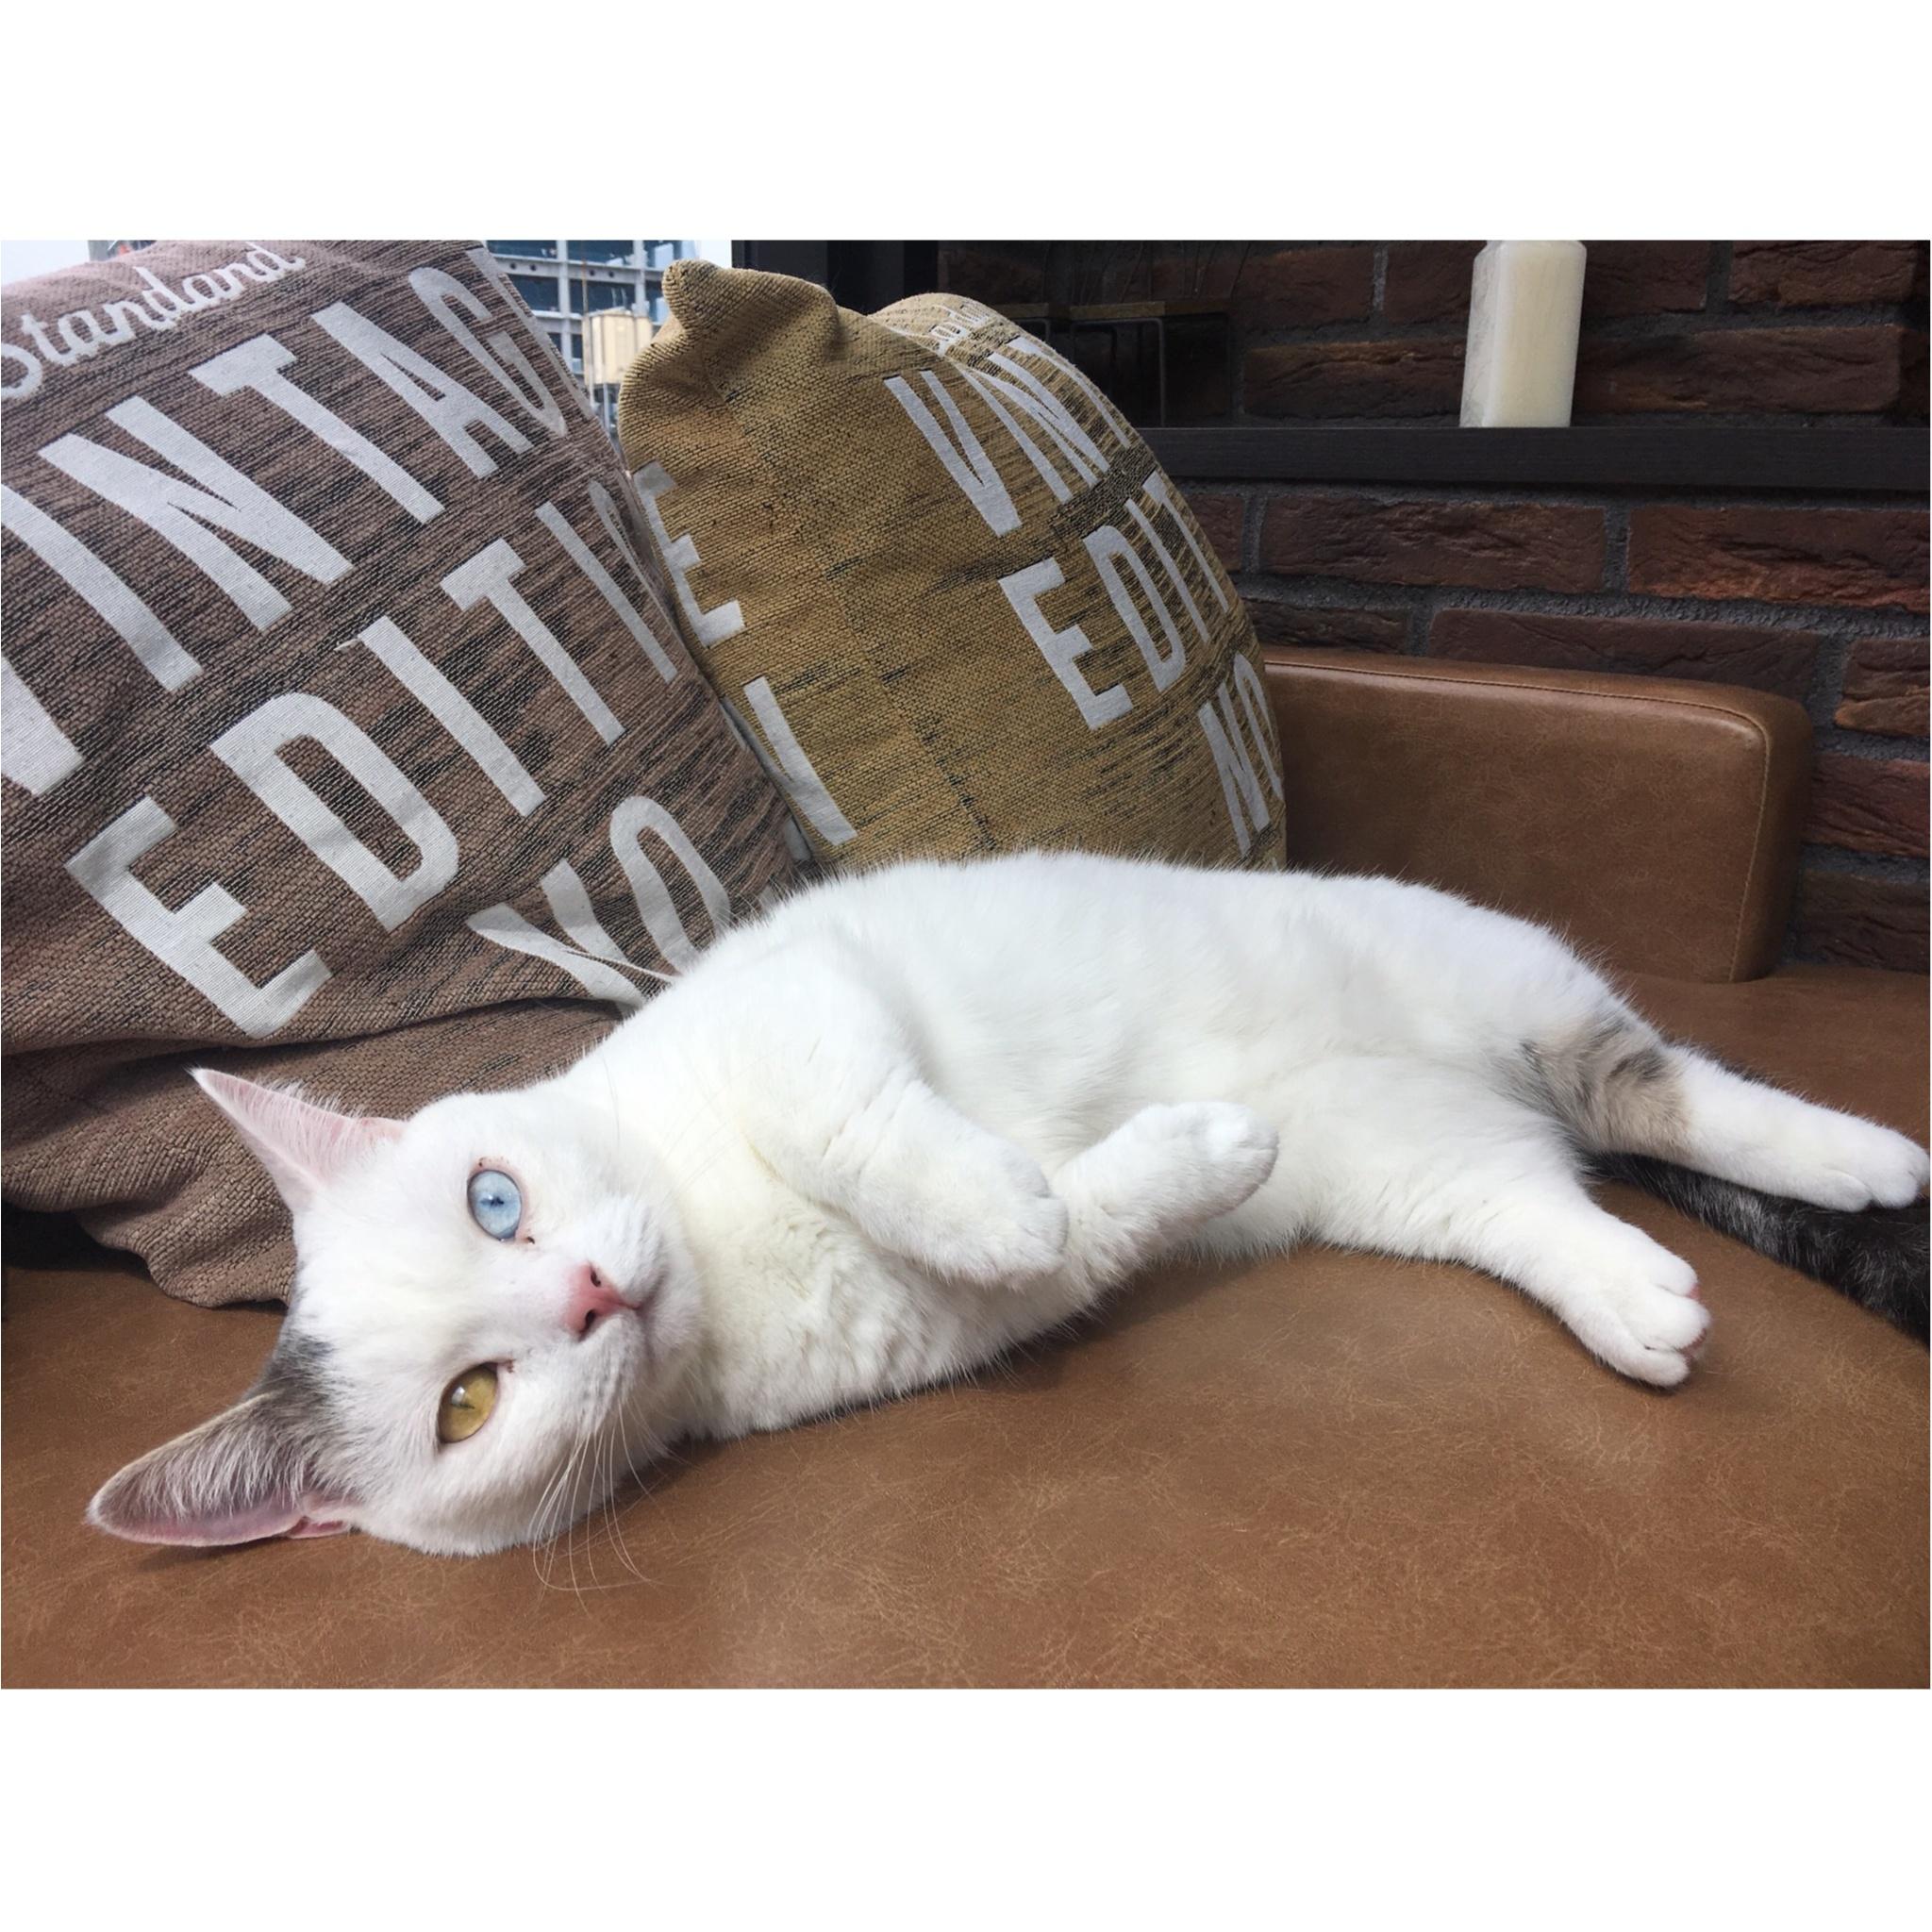 【猫カフェ】渋谷で癒しの猫カフェ♡今ならカワイイ子猫にも会えちゃう♪_5